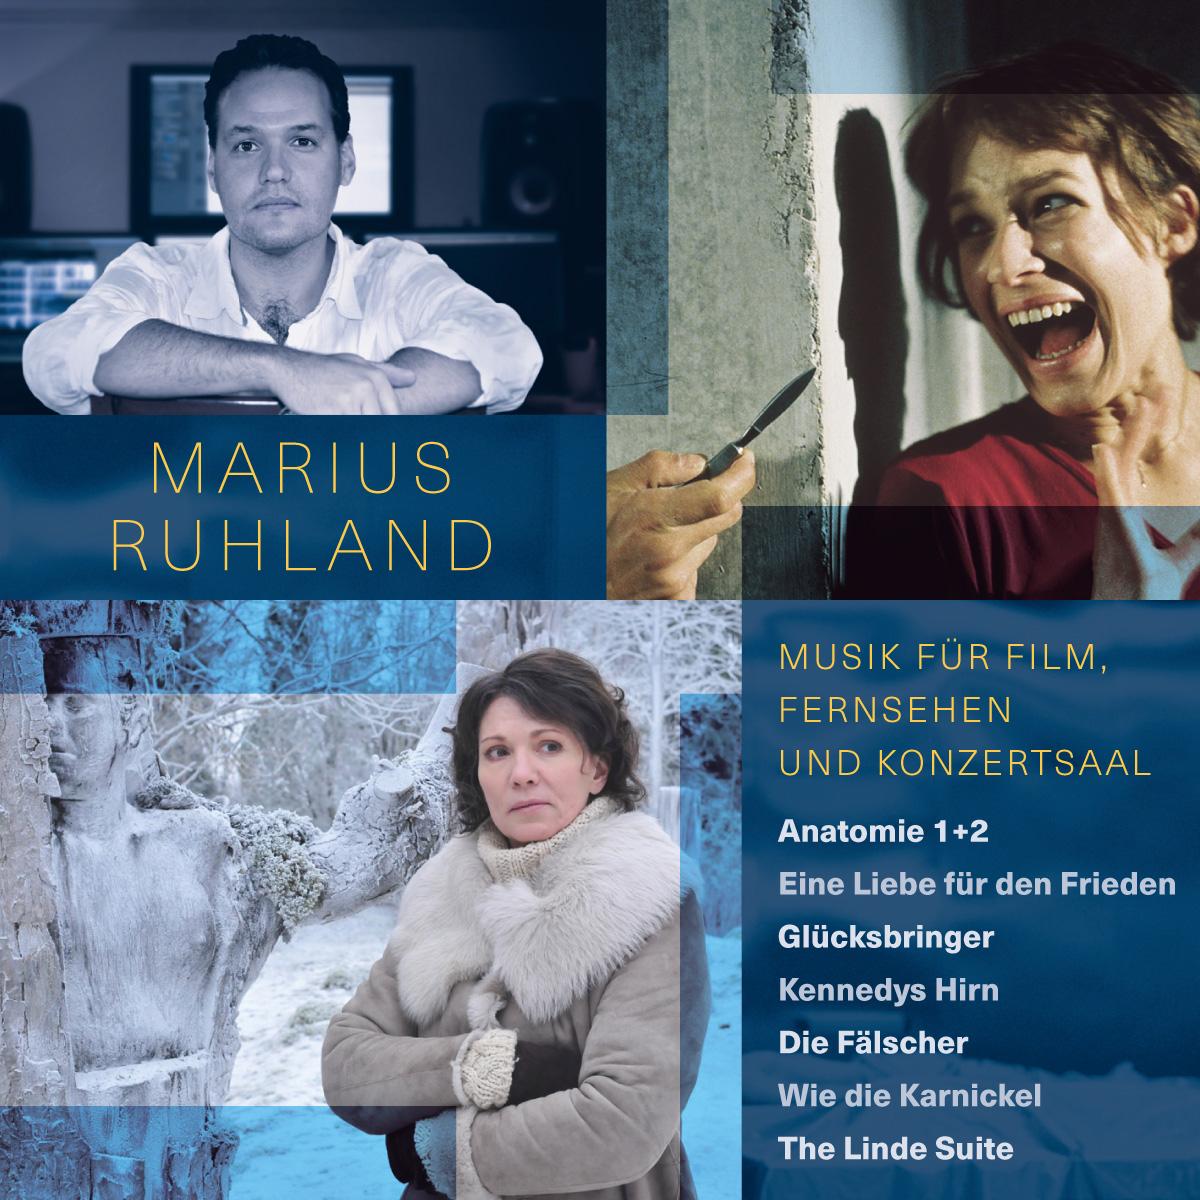 Marius Ruhland